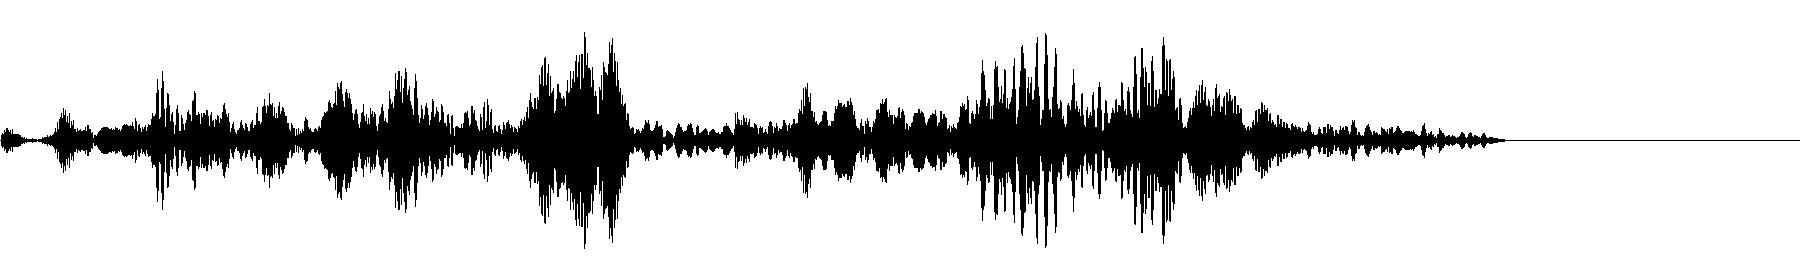 bluezone orbit sound 022